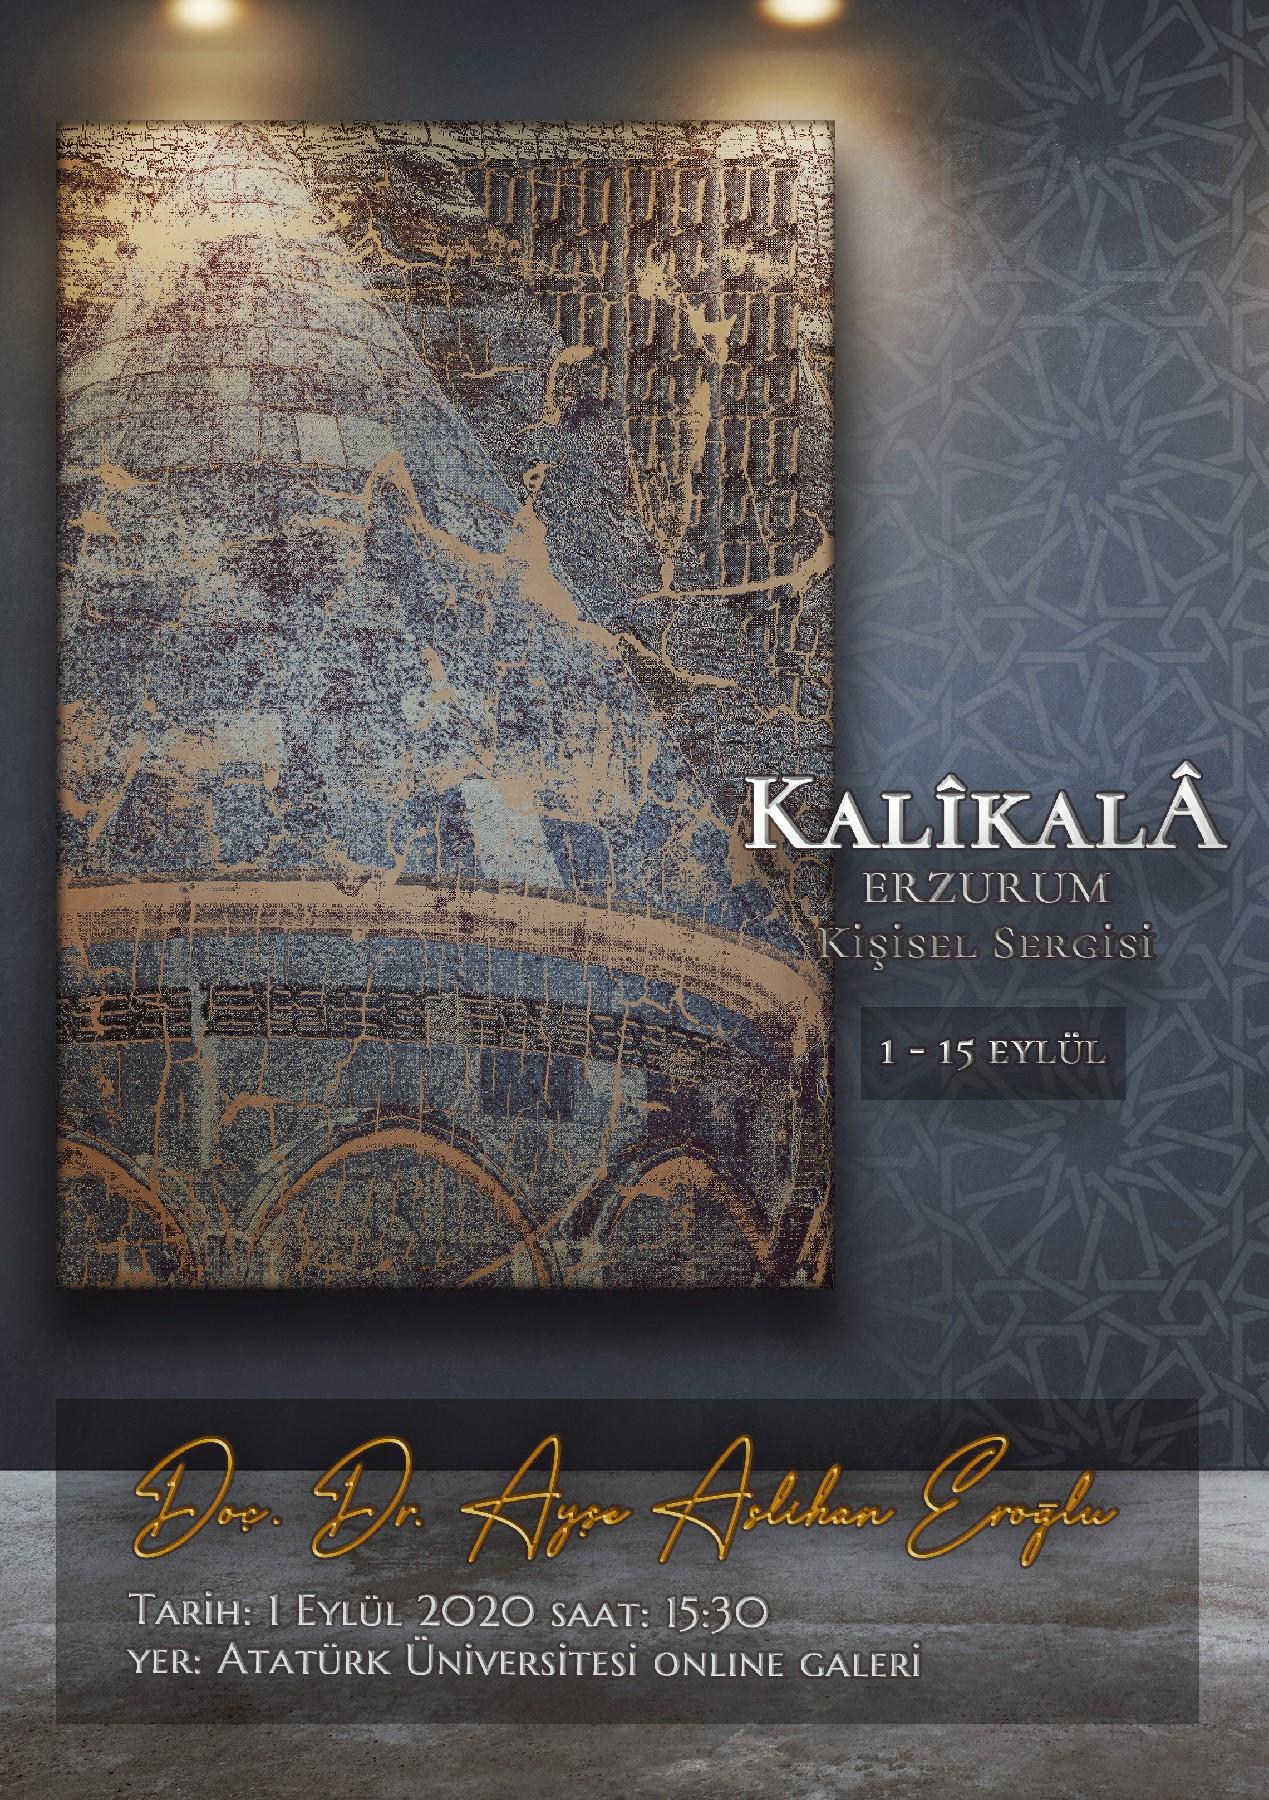 KaliKala Erzurum Kişisel Sergisi - Doç. Dr. Aslıhan Eroğlu